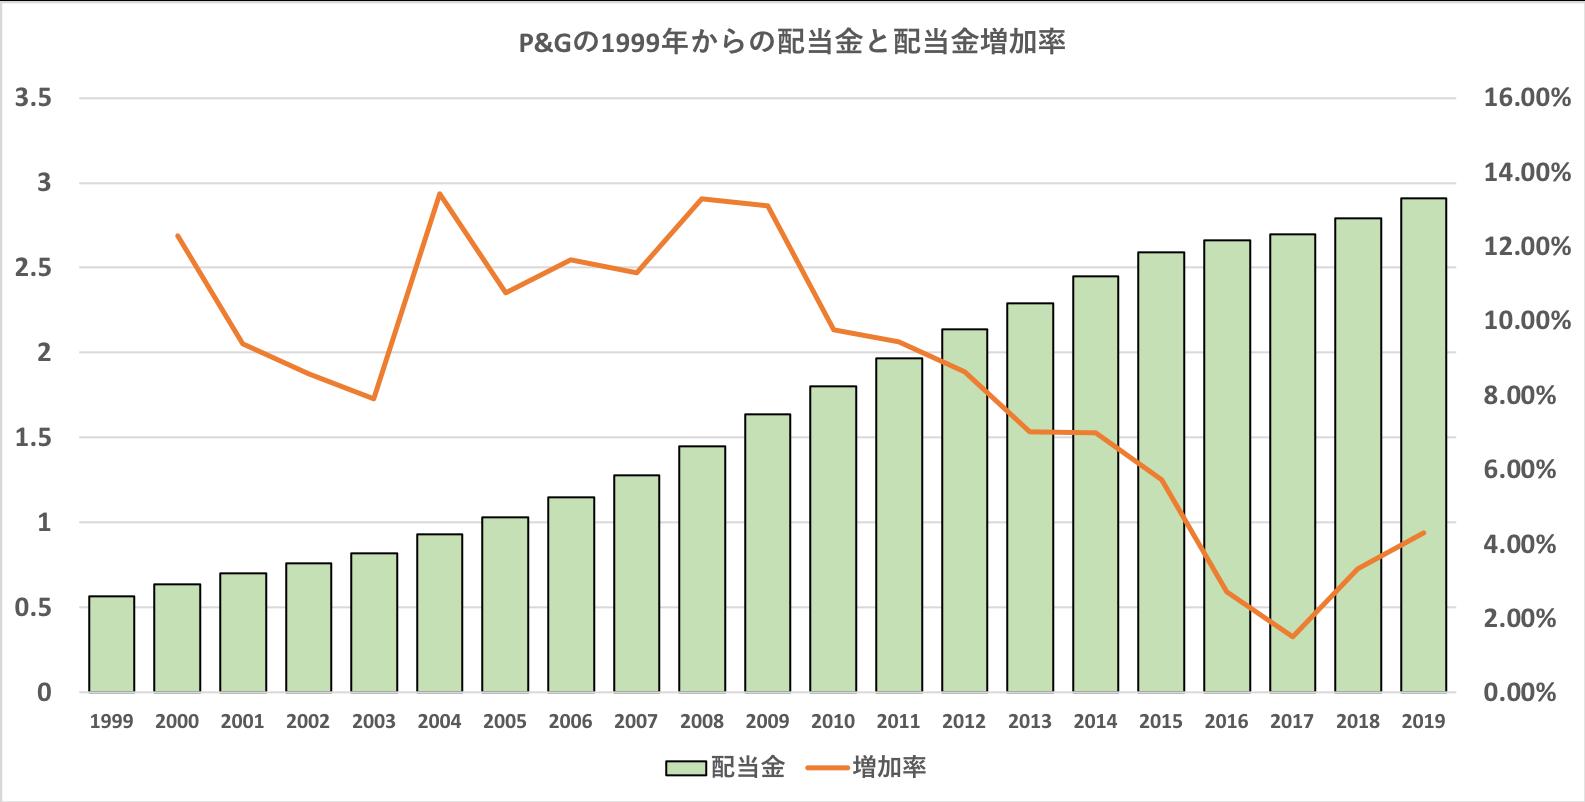 P&Gの配当金推移と配当金増加率